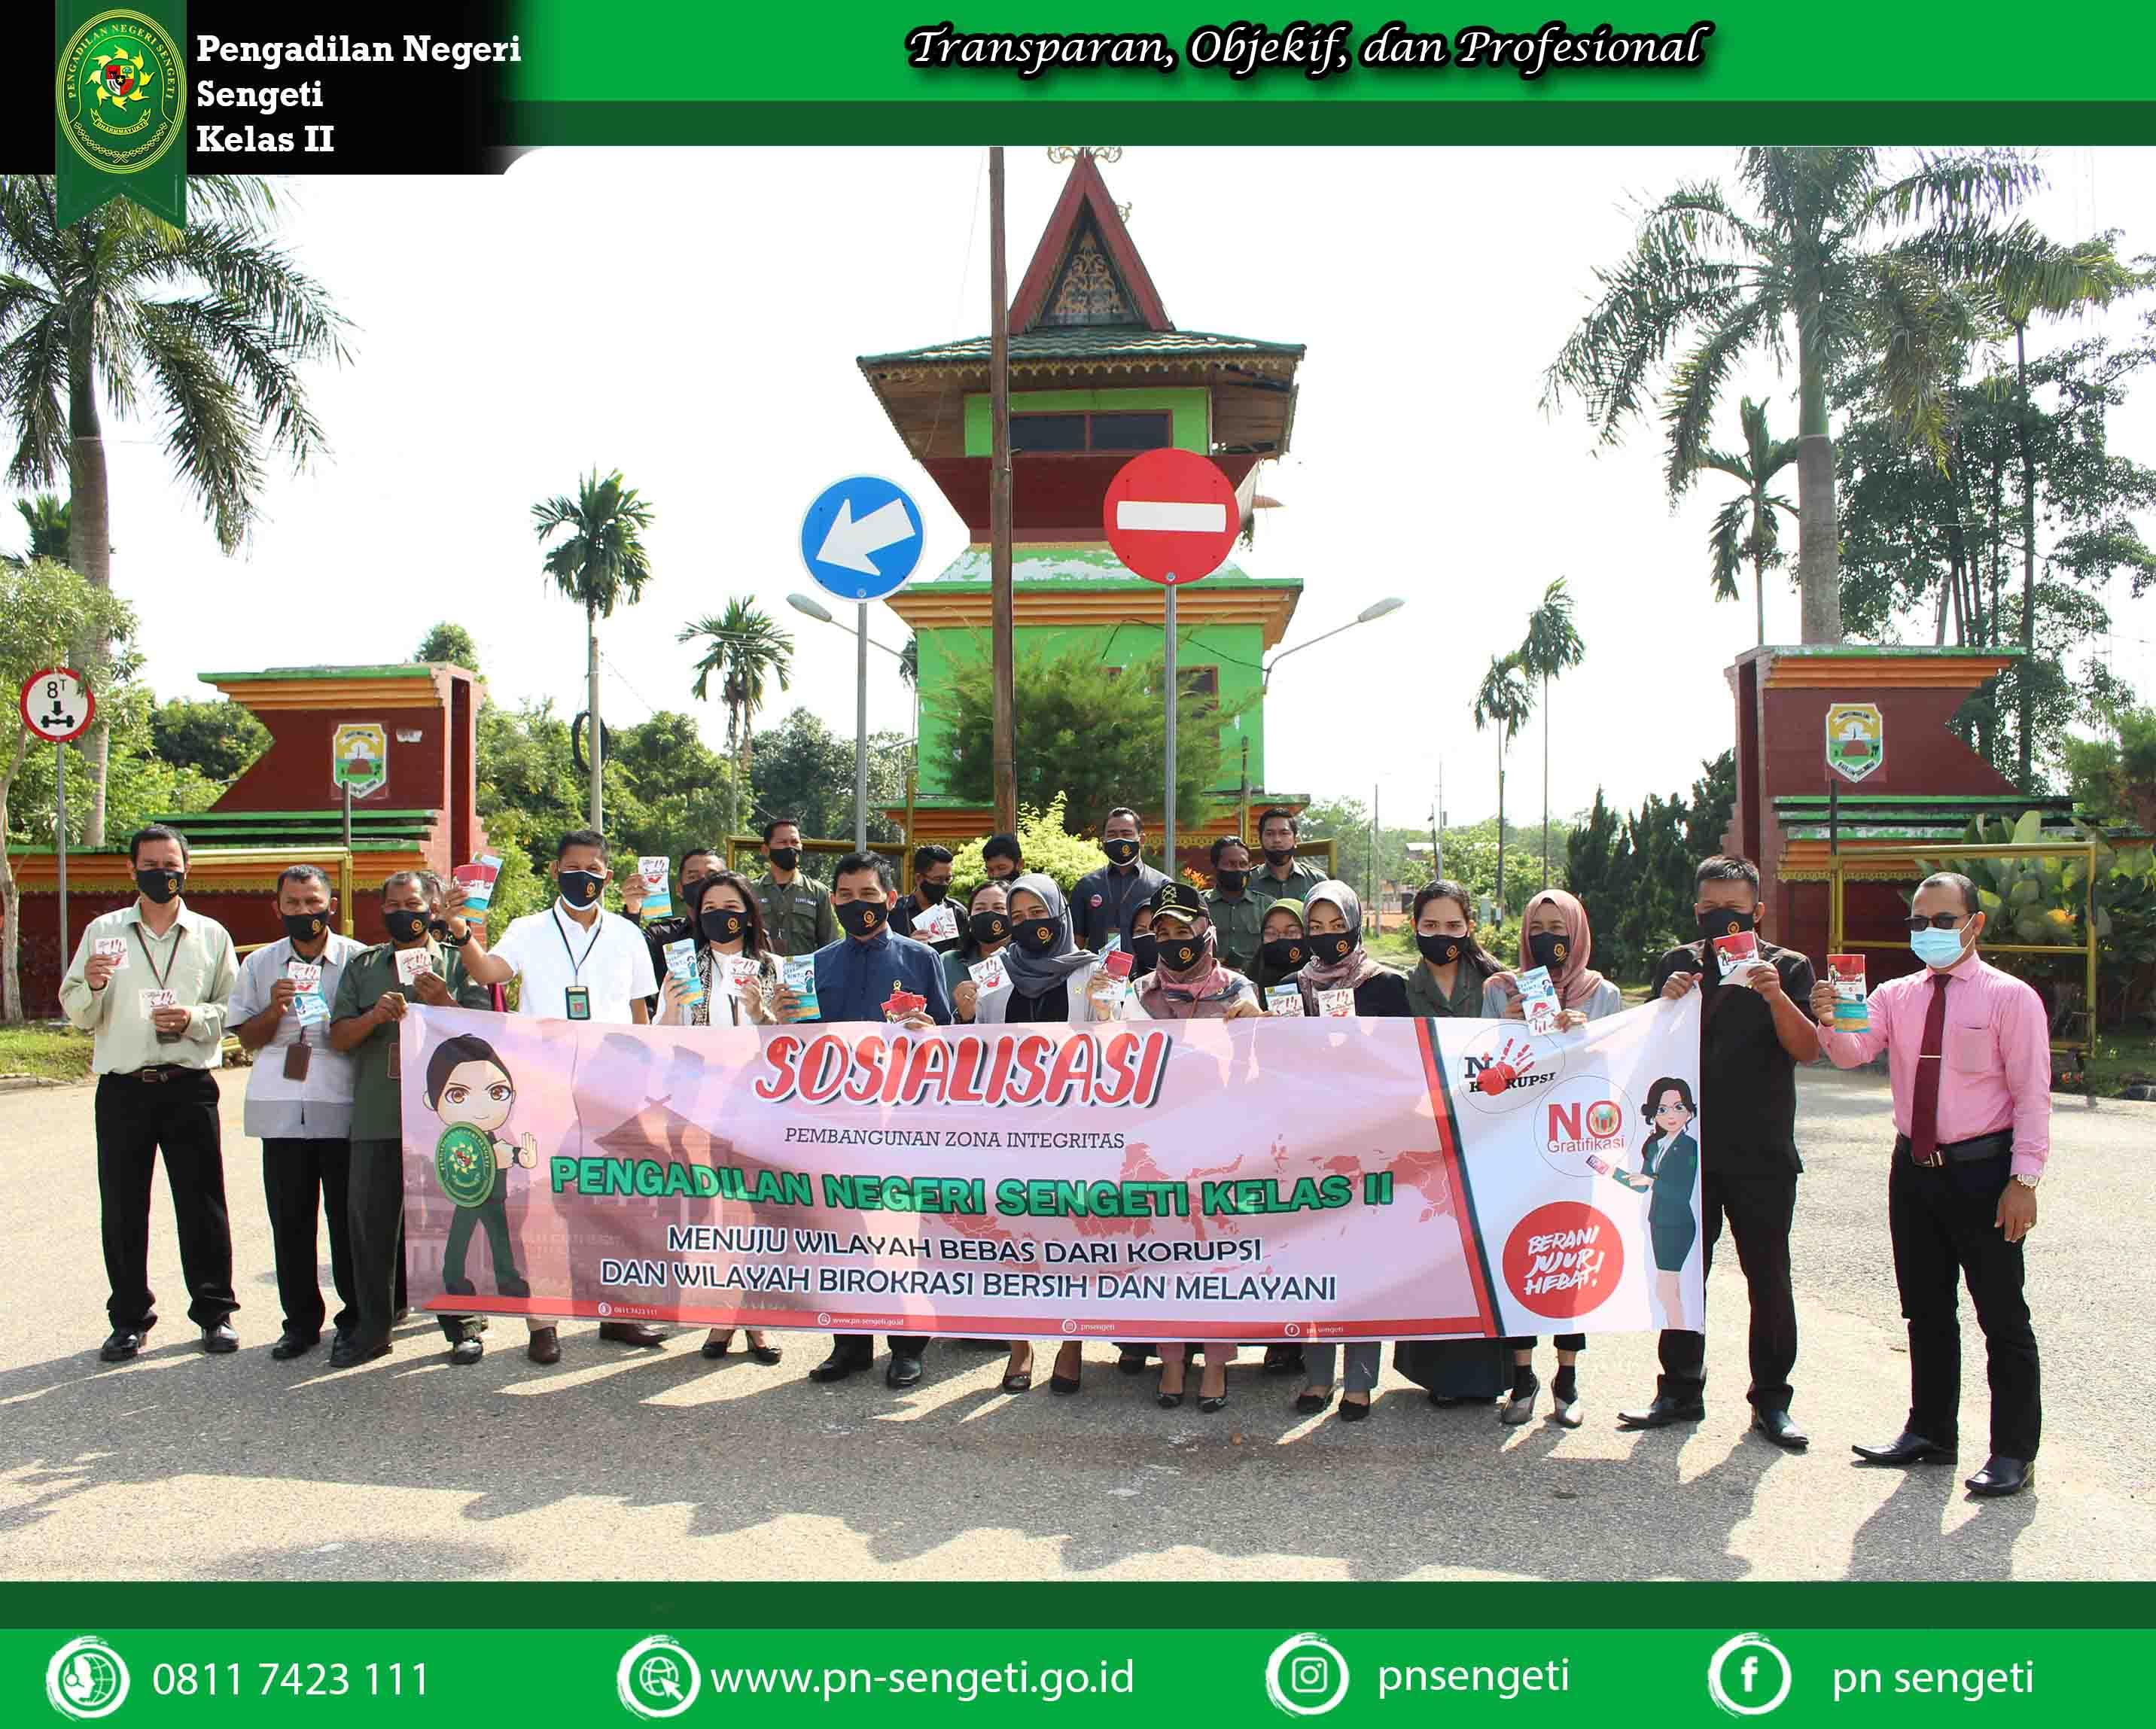 Sosialisasi Pembangunan Zona Integritas menuju Wilayah Bebas dari Korupsi (WBK) dan Wilayah Birokrasi Bersih dan Melayani (WBBM)